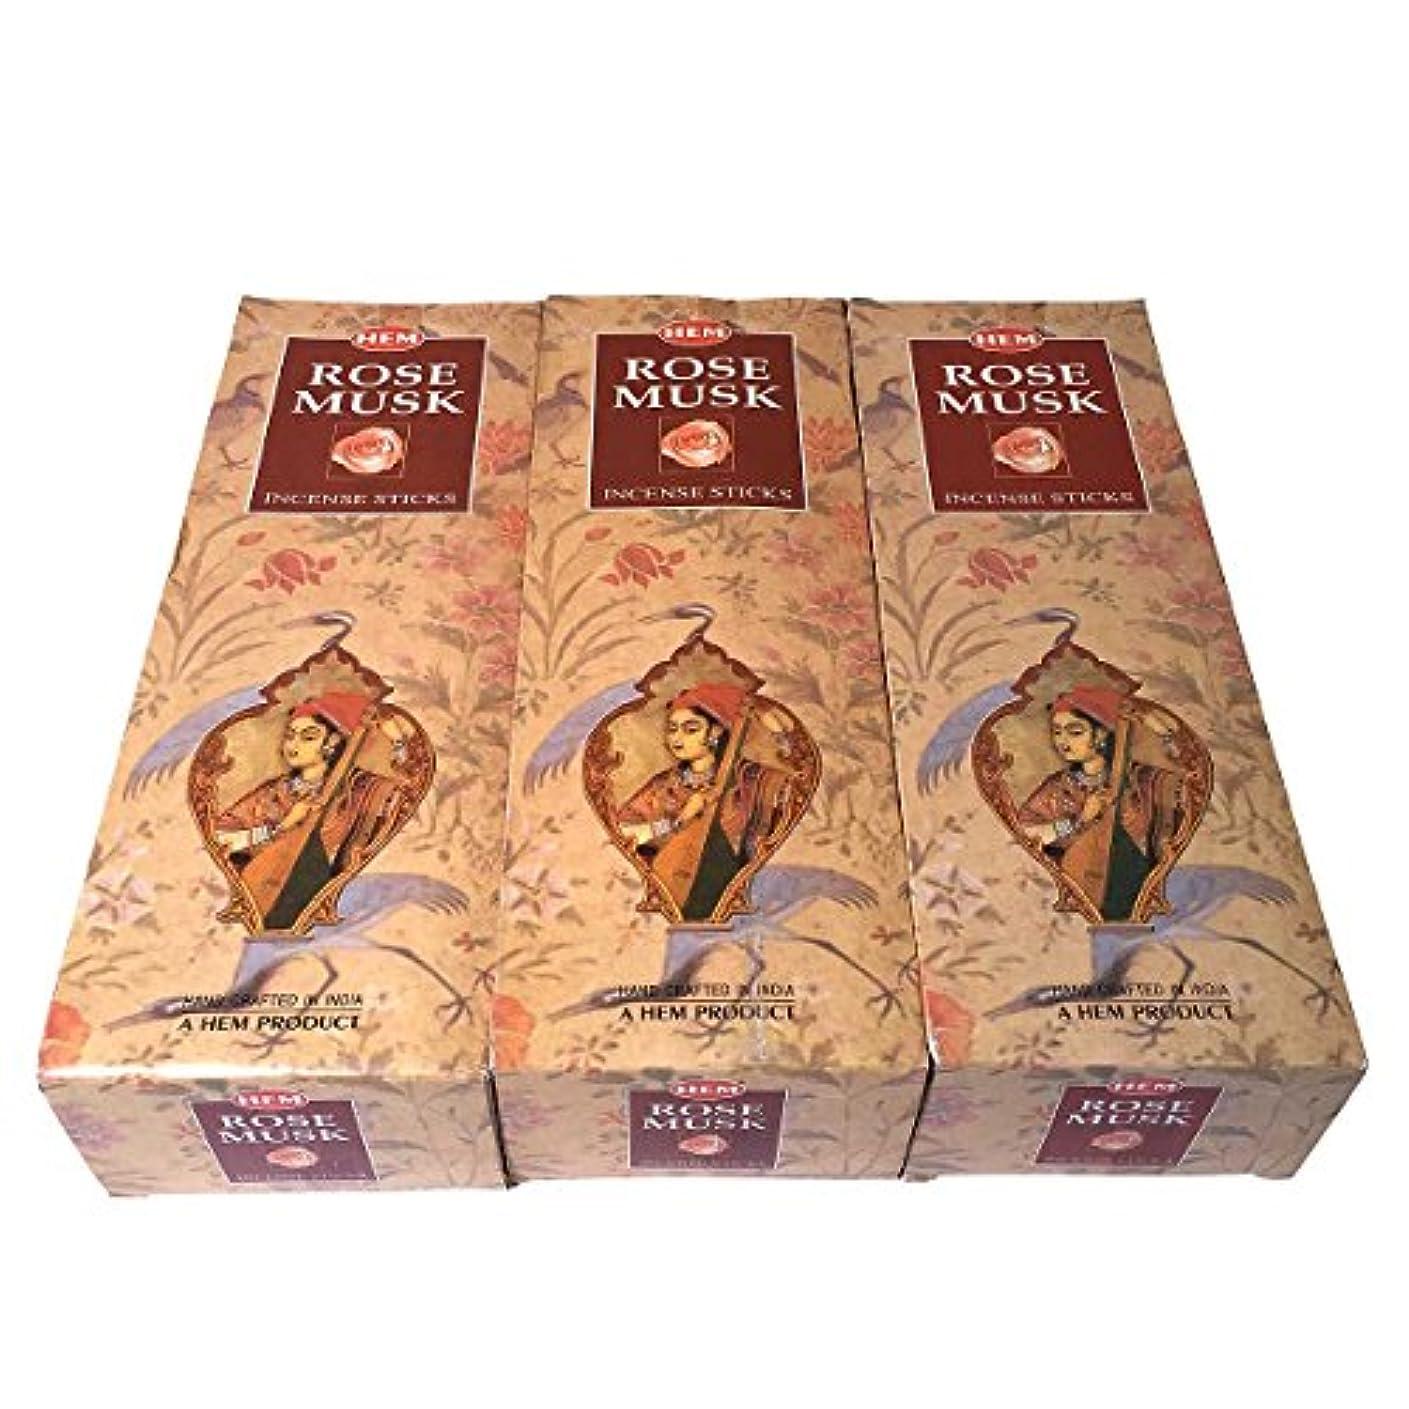 畝間ケープそこからローズムスク香スティック 3BOX(18箱) /HEM ROSE MUSK/インセンス/インド香 お香 [並行輸入品]